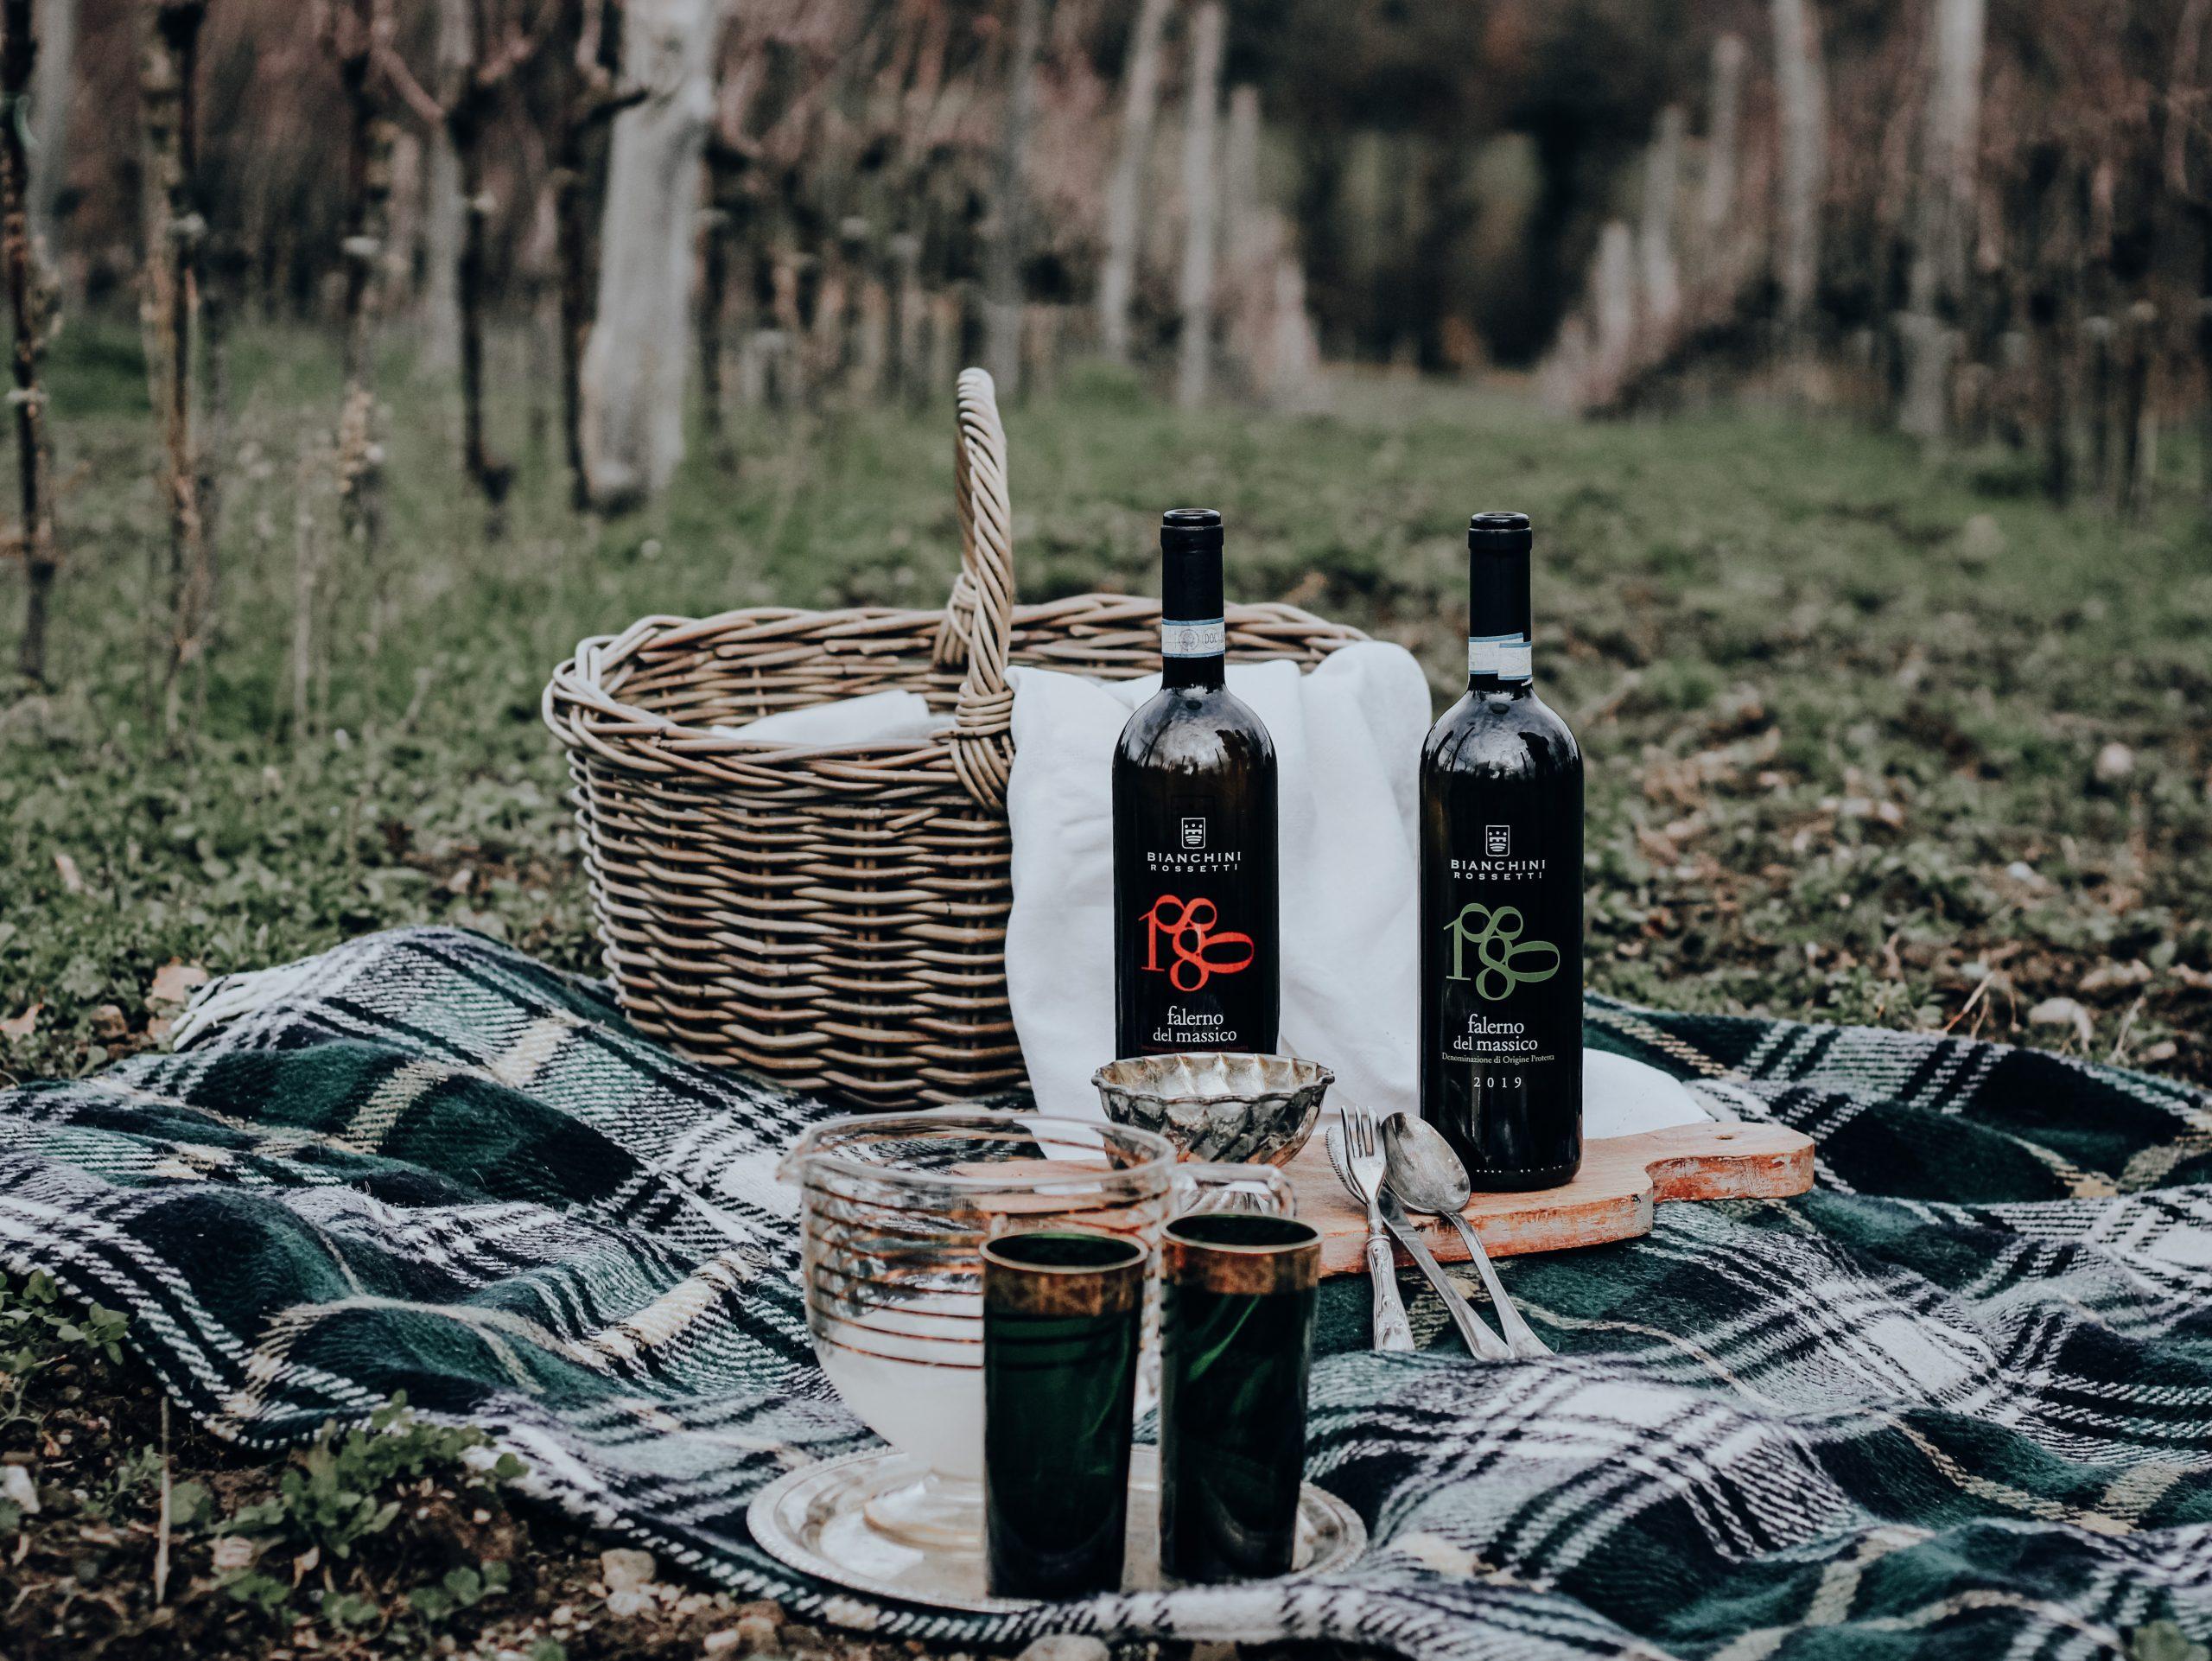 Alla scoperta del falerno: un vino antico e celebre